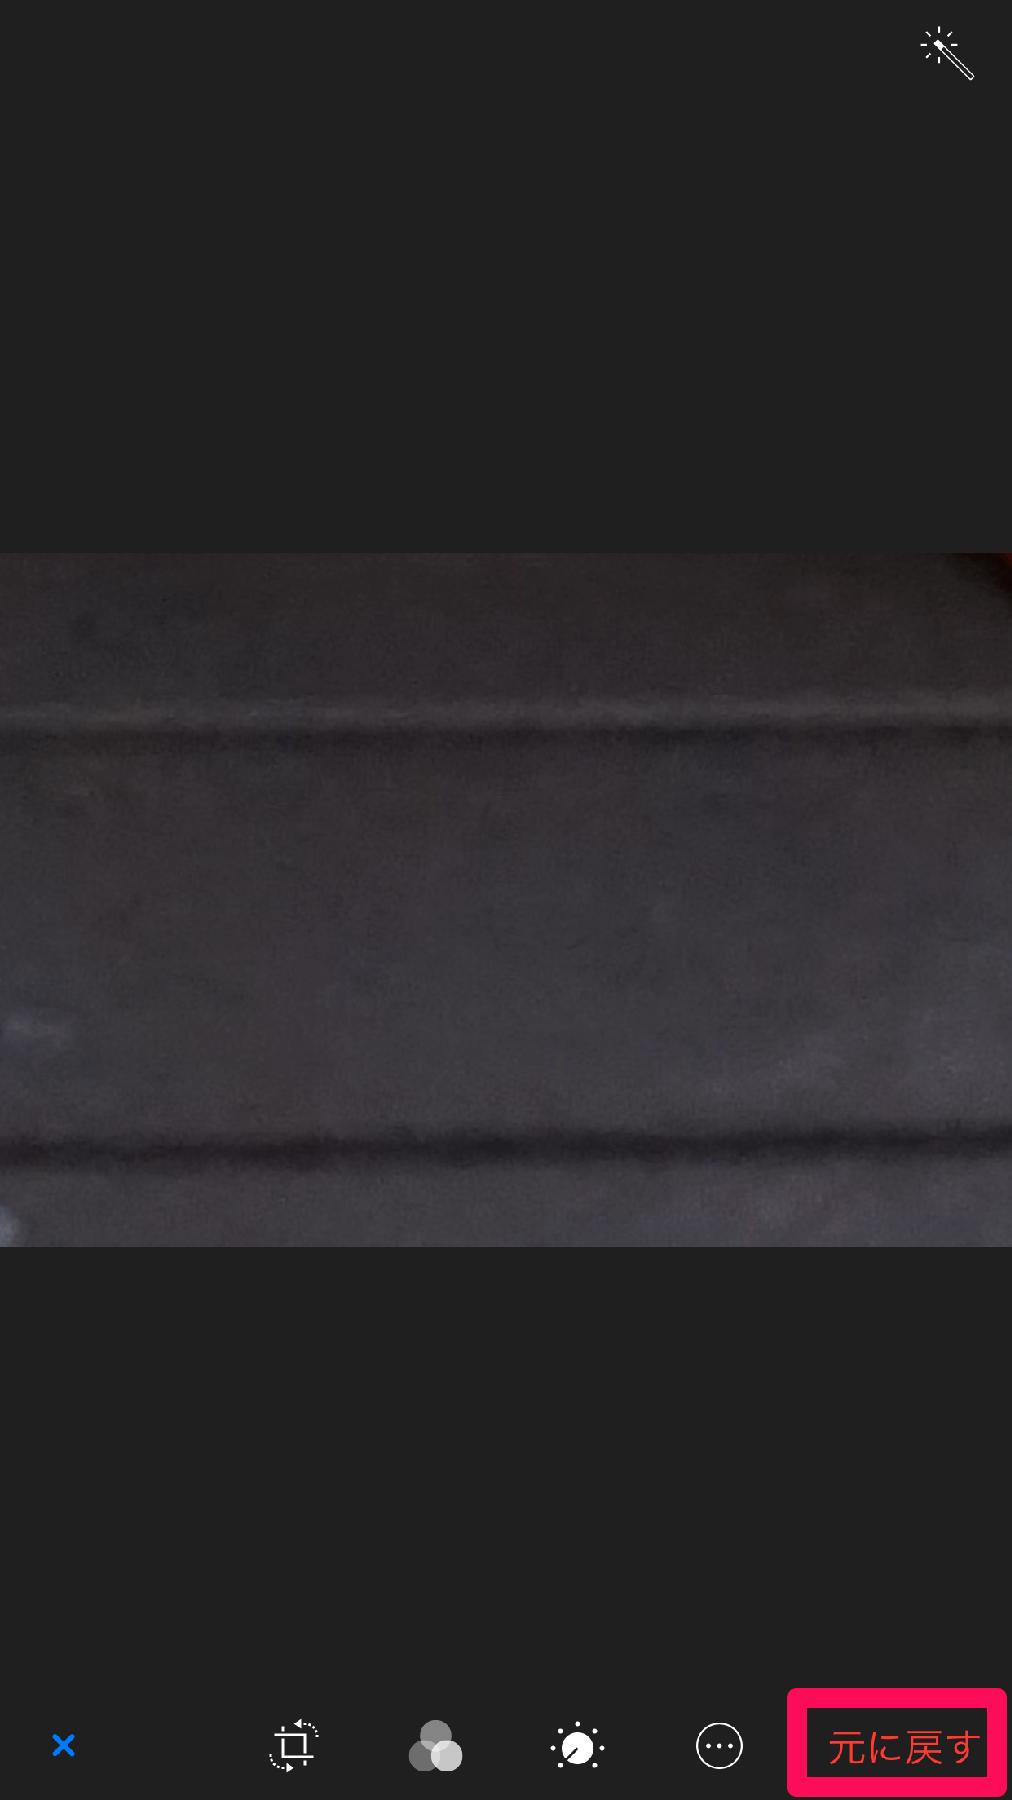 iPhone(アイフォーン)の[写真]アプリで加工した写真をもとに戻す画面